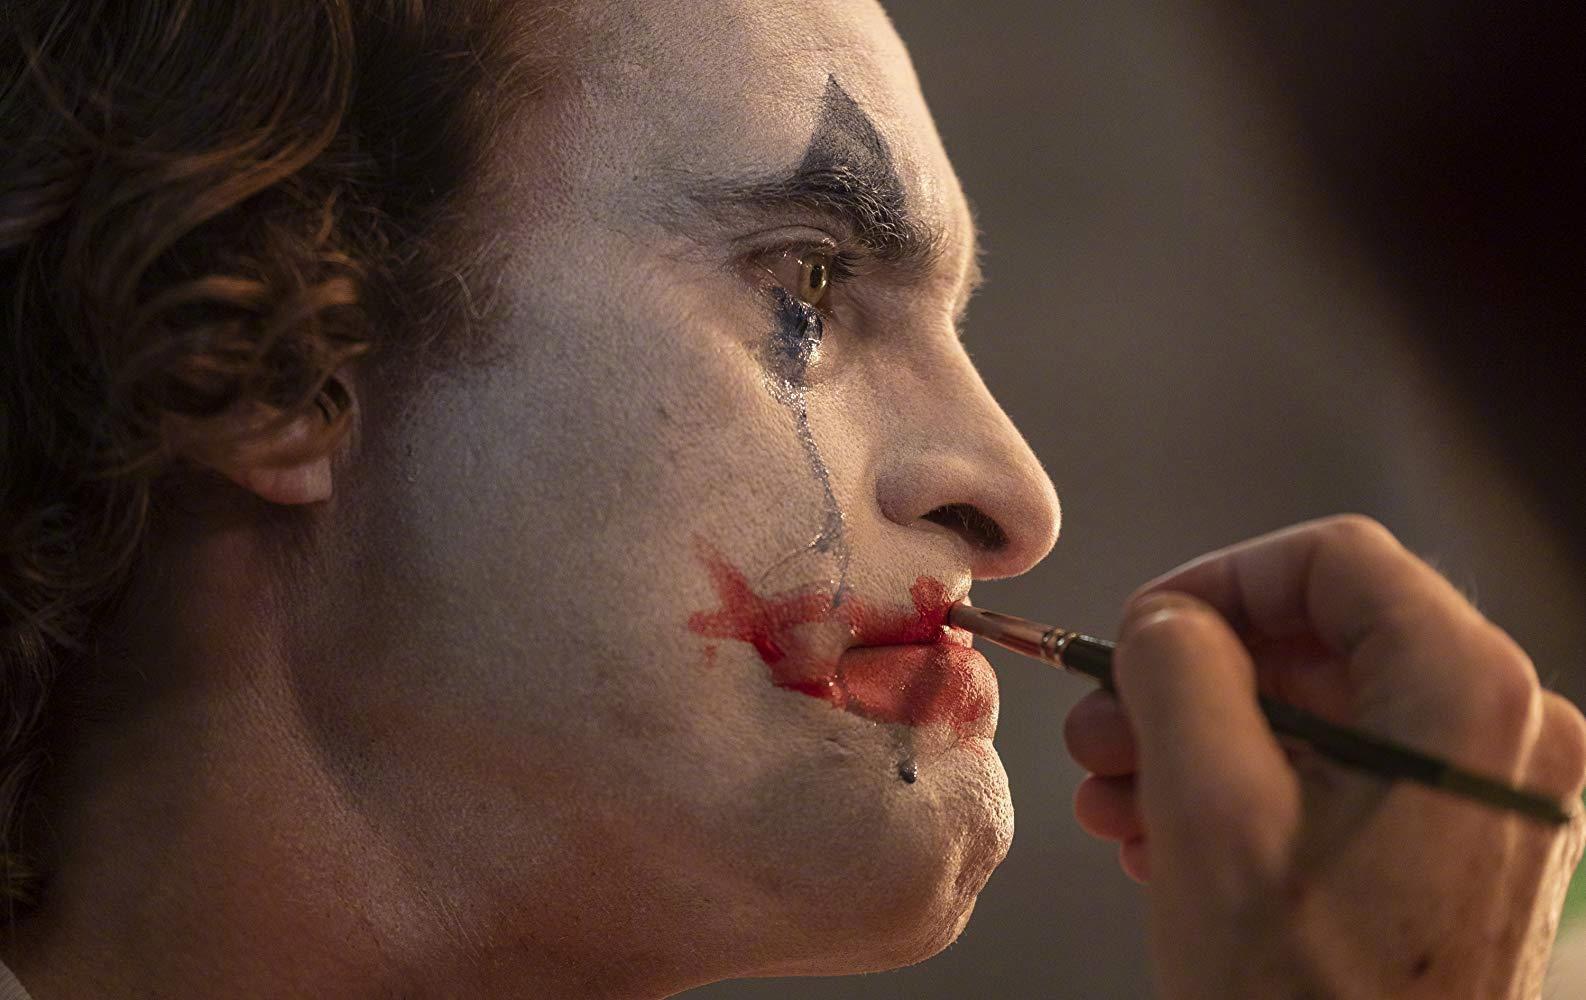 电影《小丑》跻身IMDb评分前十 近十年新片中唯一上榜